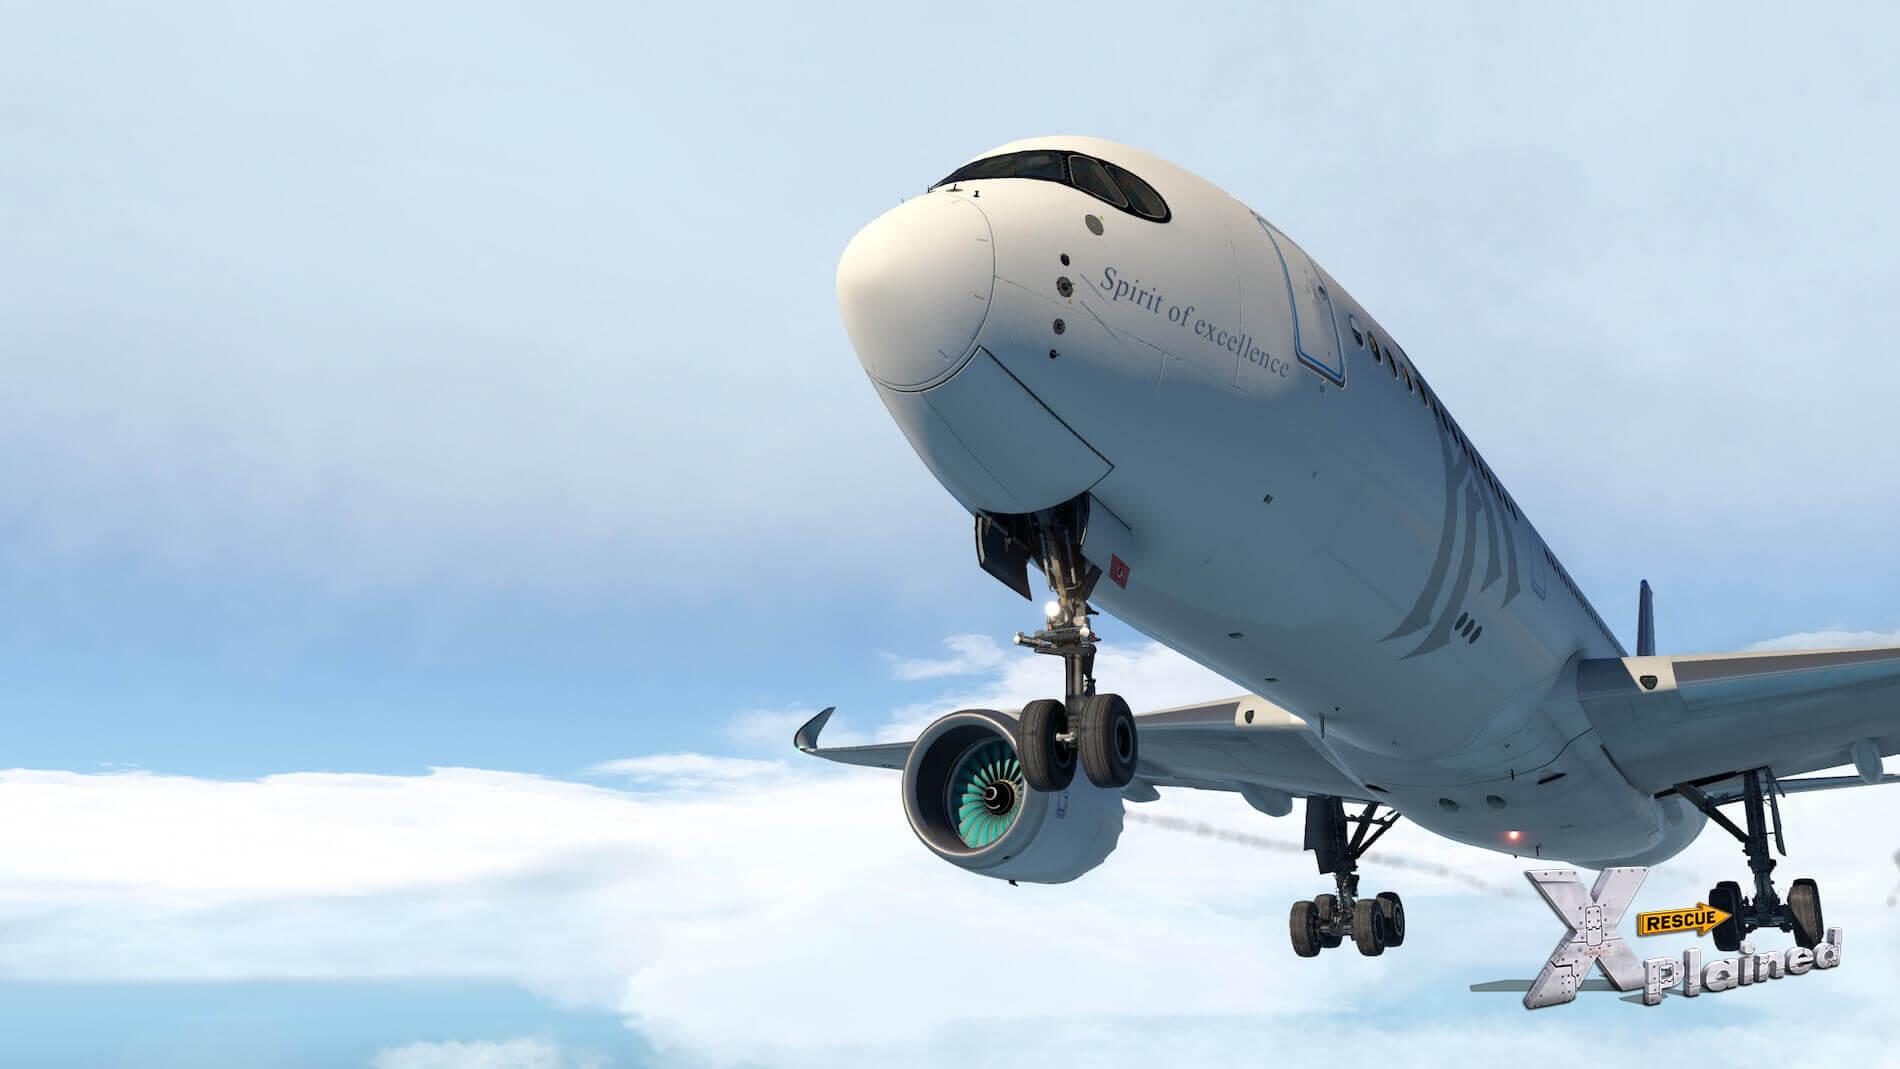 A350_xp11_21